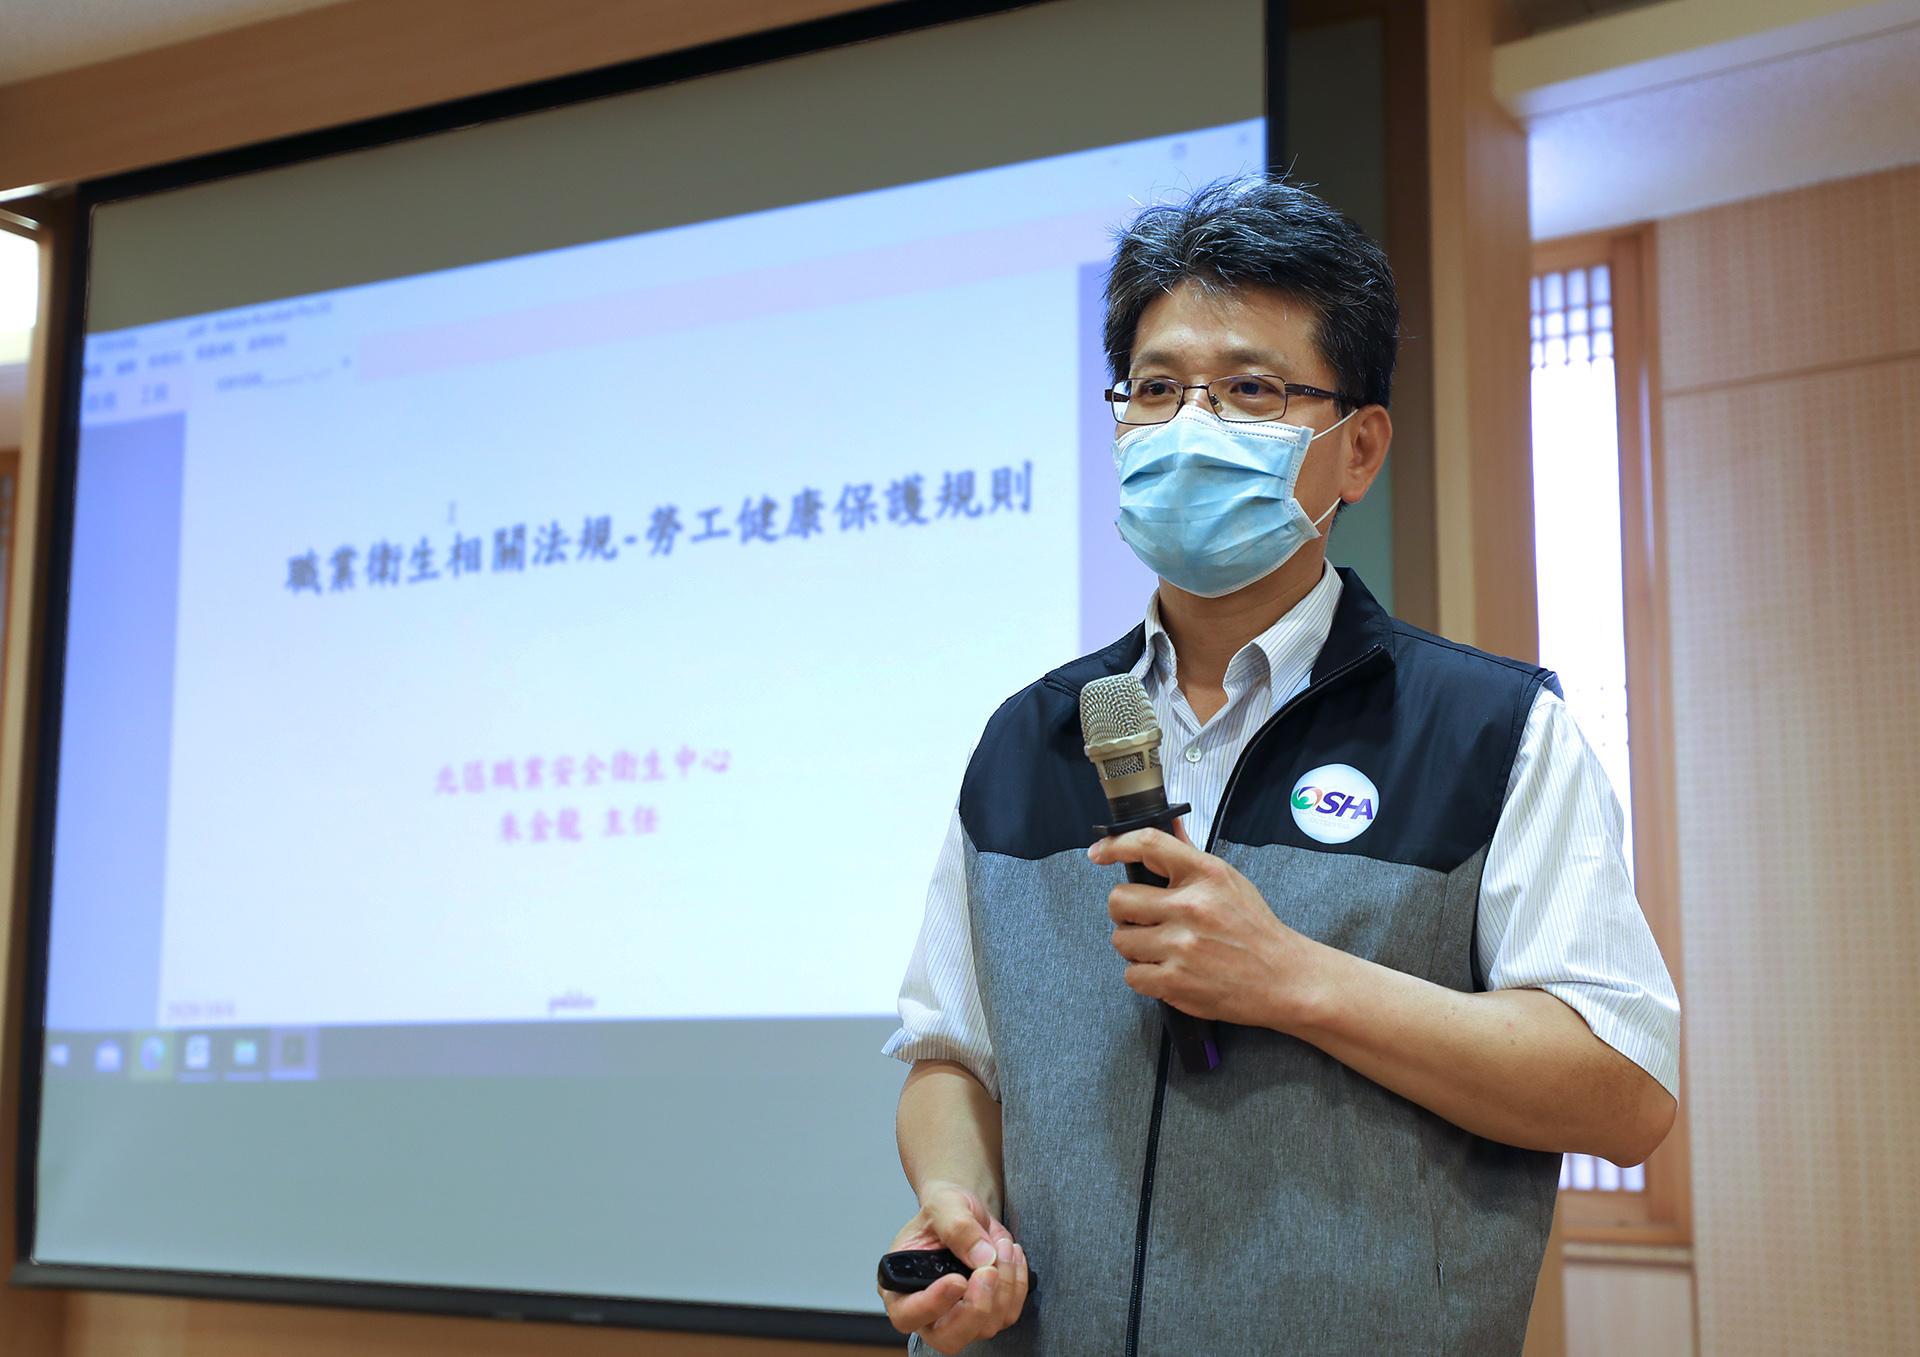 勞動部職業安全衛生署北區中心主任朱金龍於花蓮慈濟醫院說明職業衛生相關法規